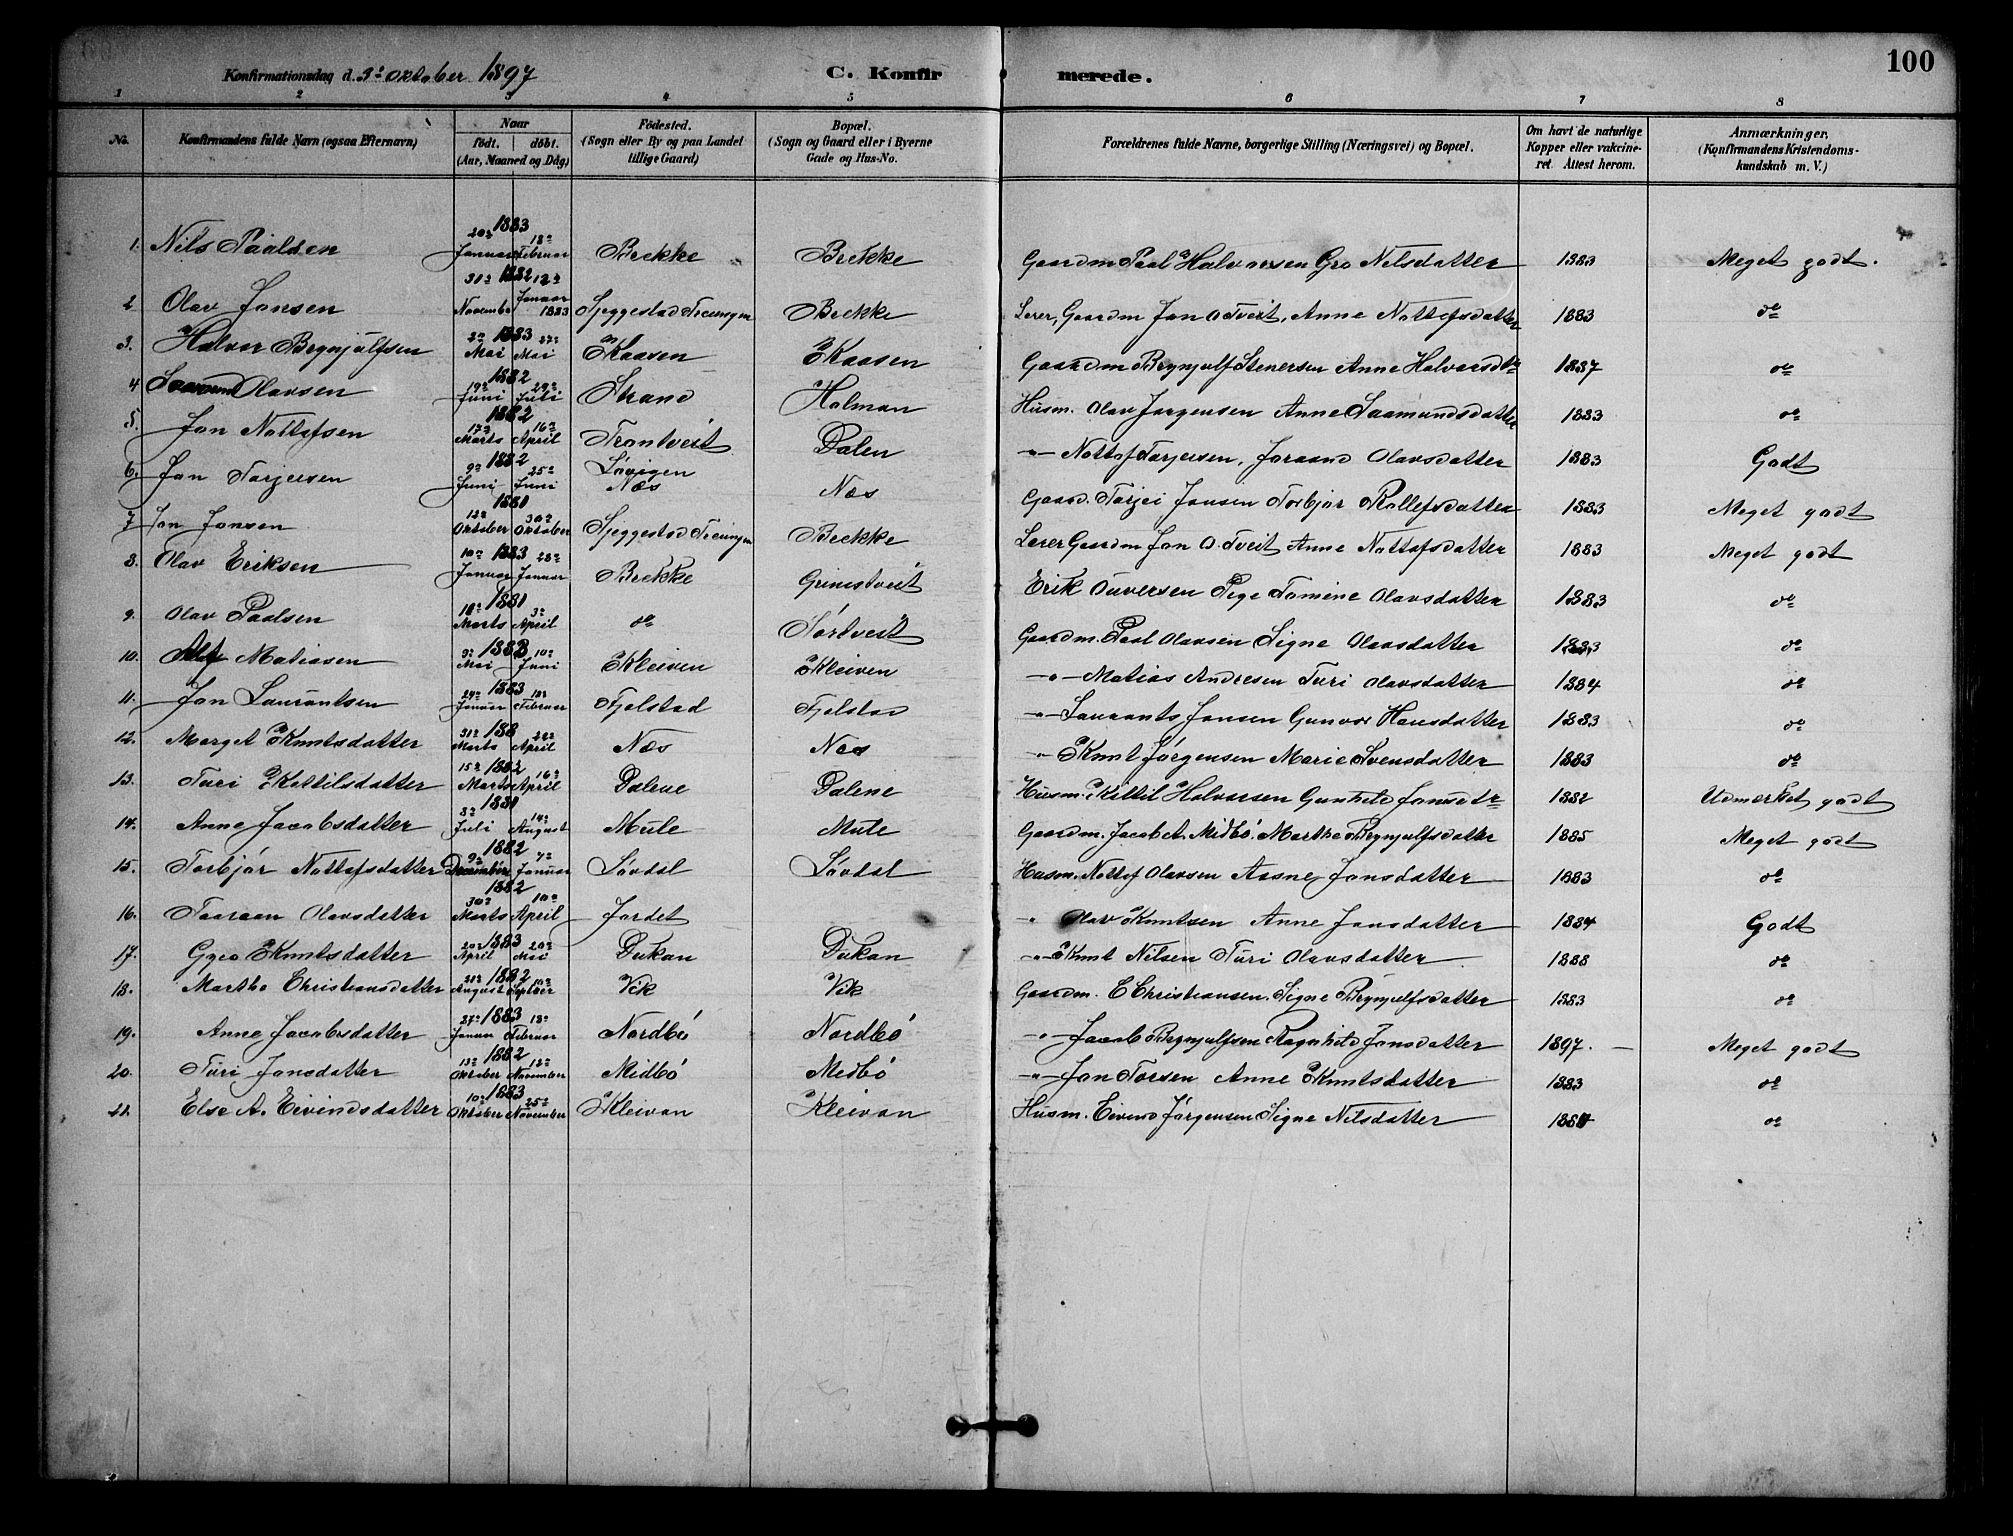 SAKO, Nissedal kirkebøker, G/Ga/L0003: Klokkerbok nr. I 3, 1887-1911, s. 100